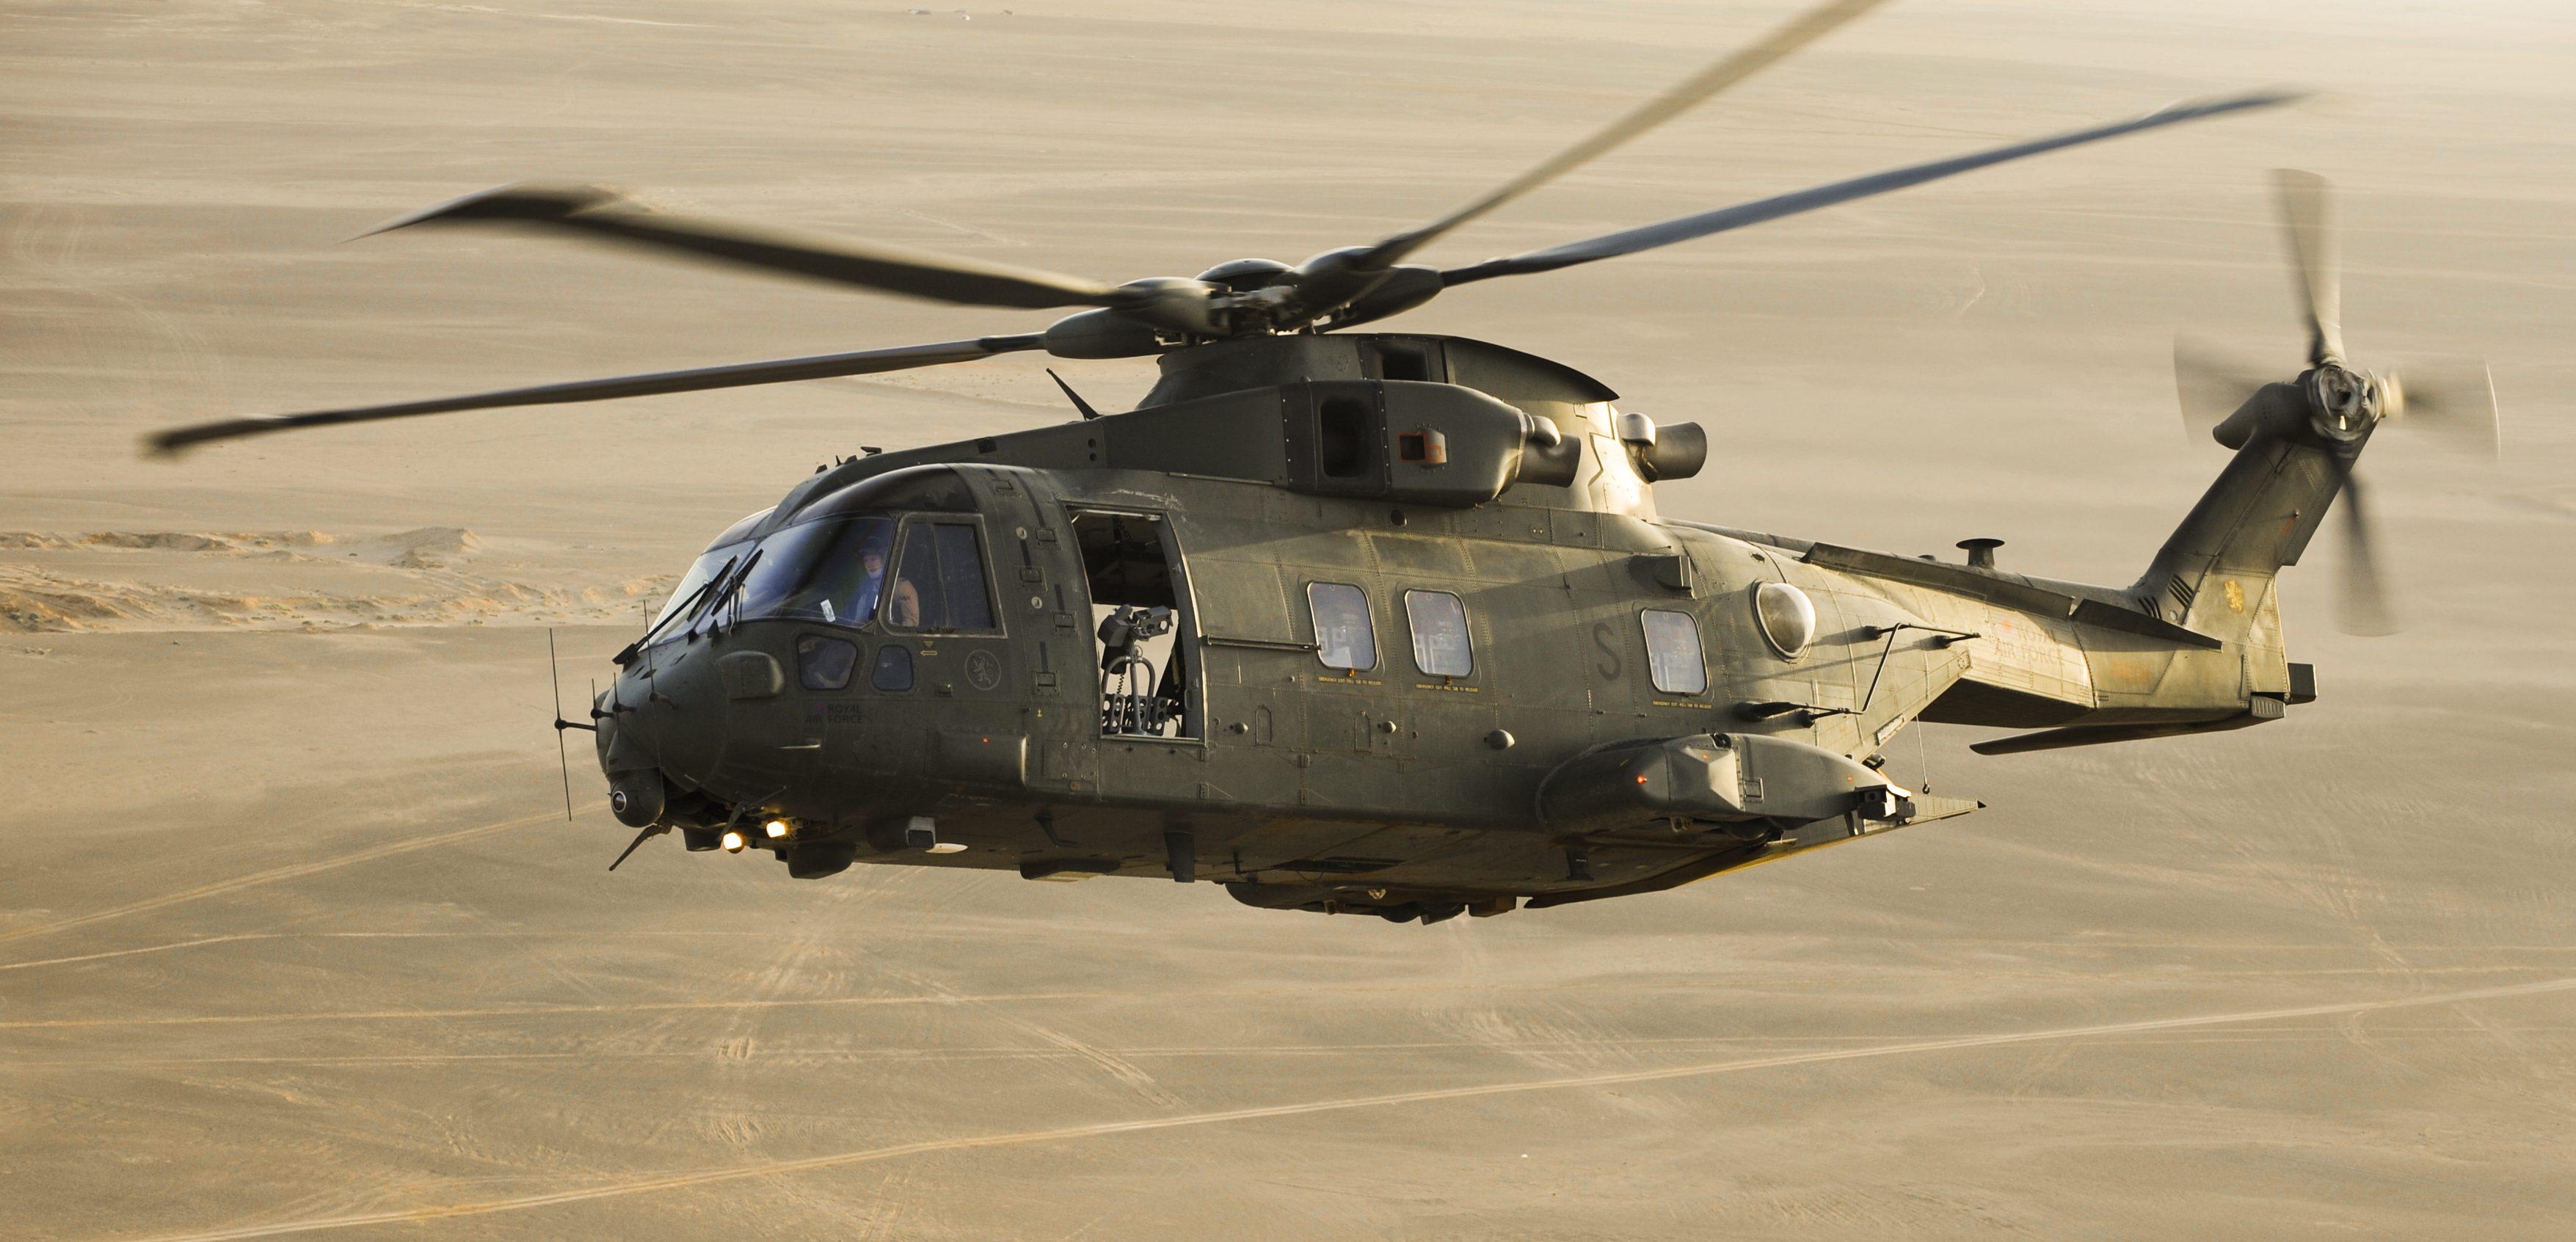 Leonardo estabelece joint venture de produção de helicópteros com a Argélia